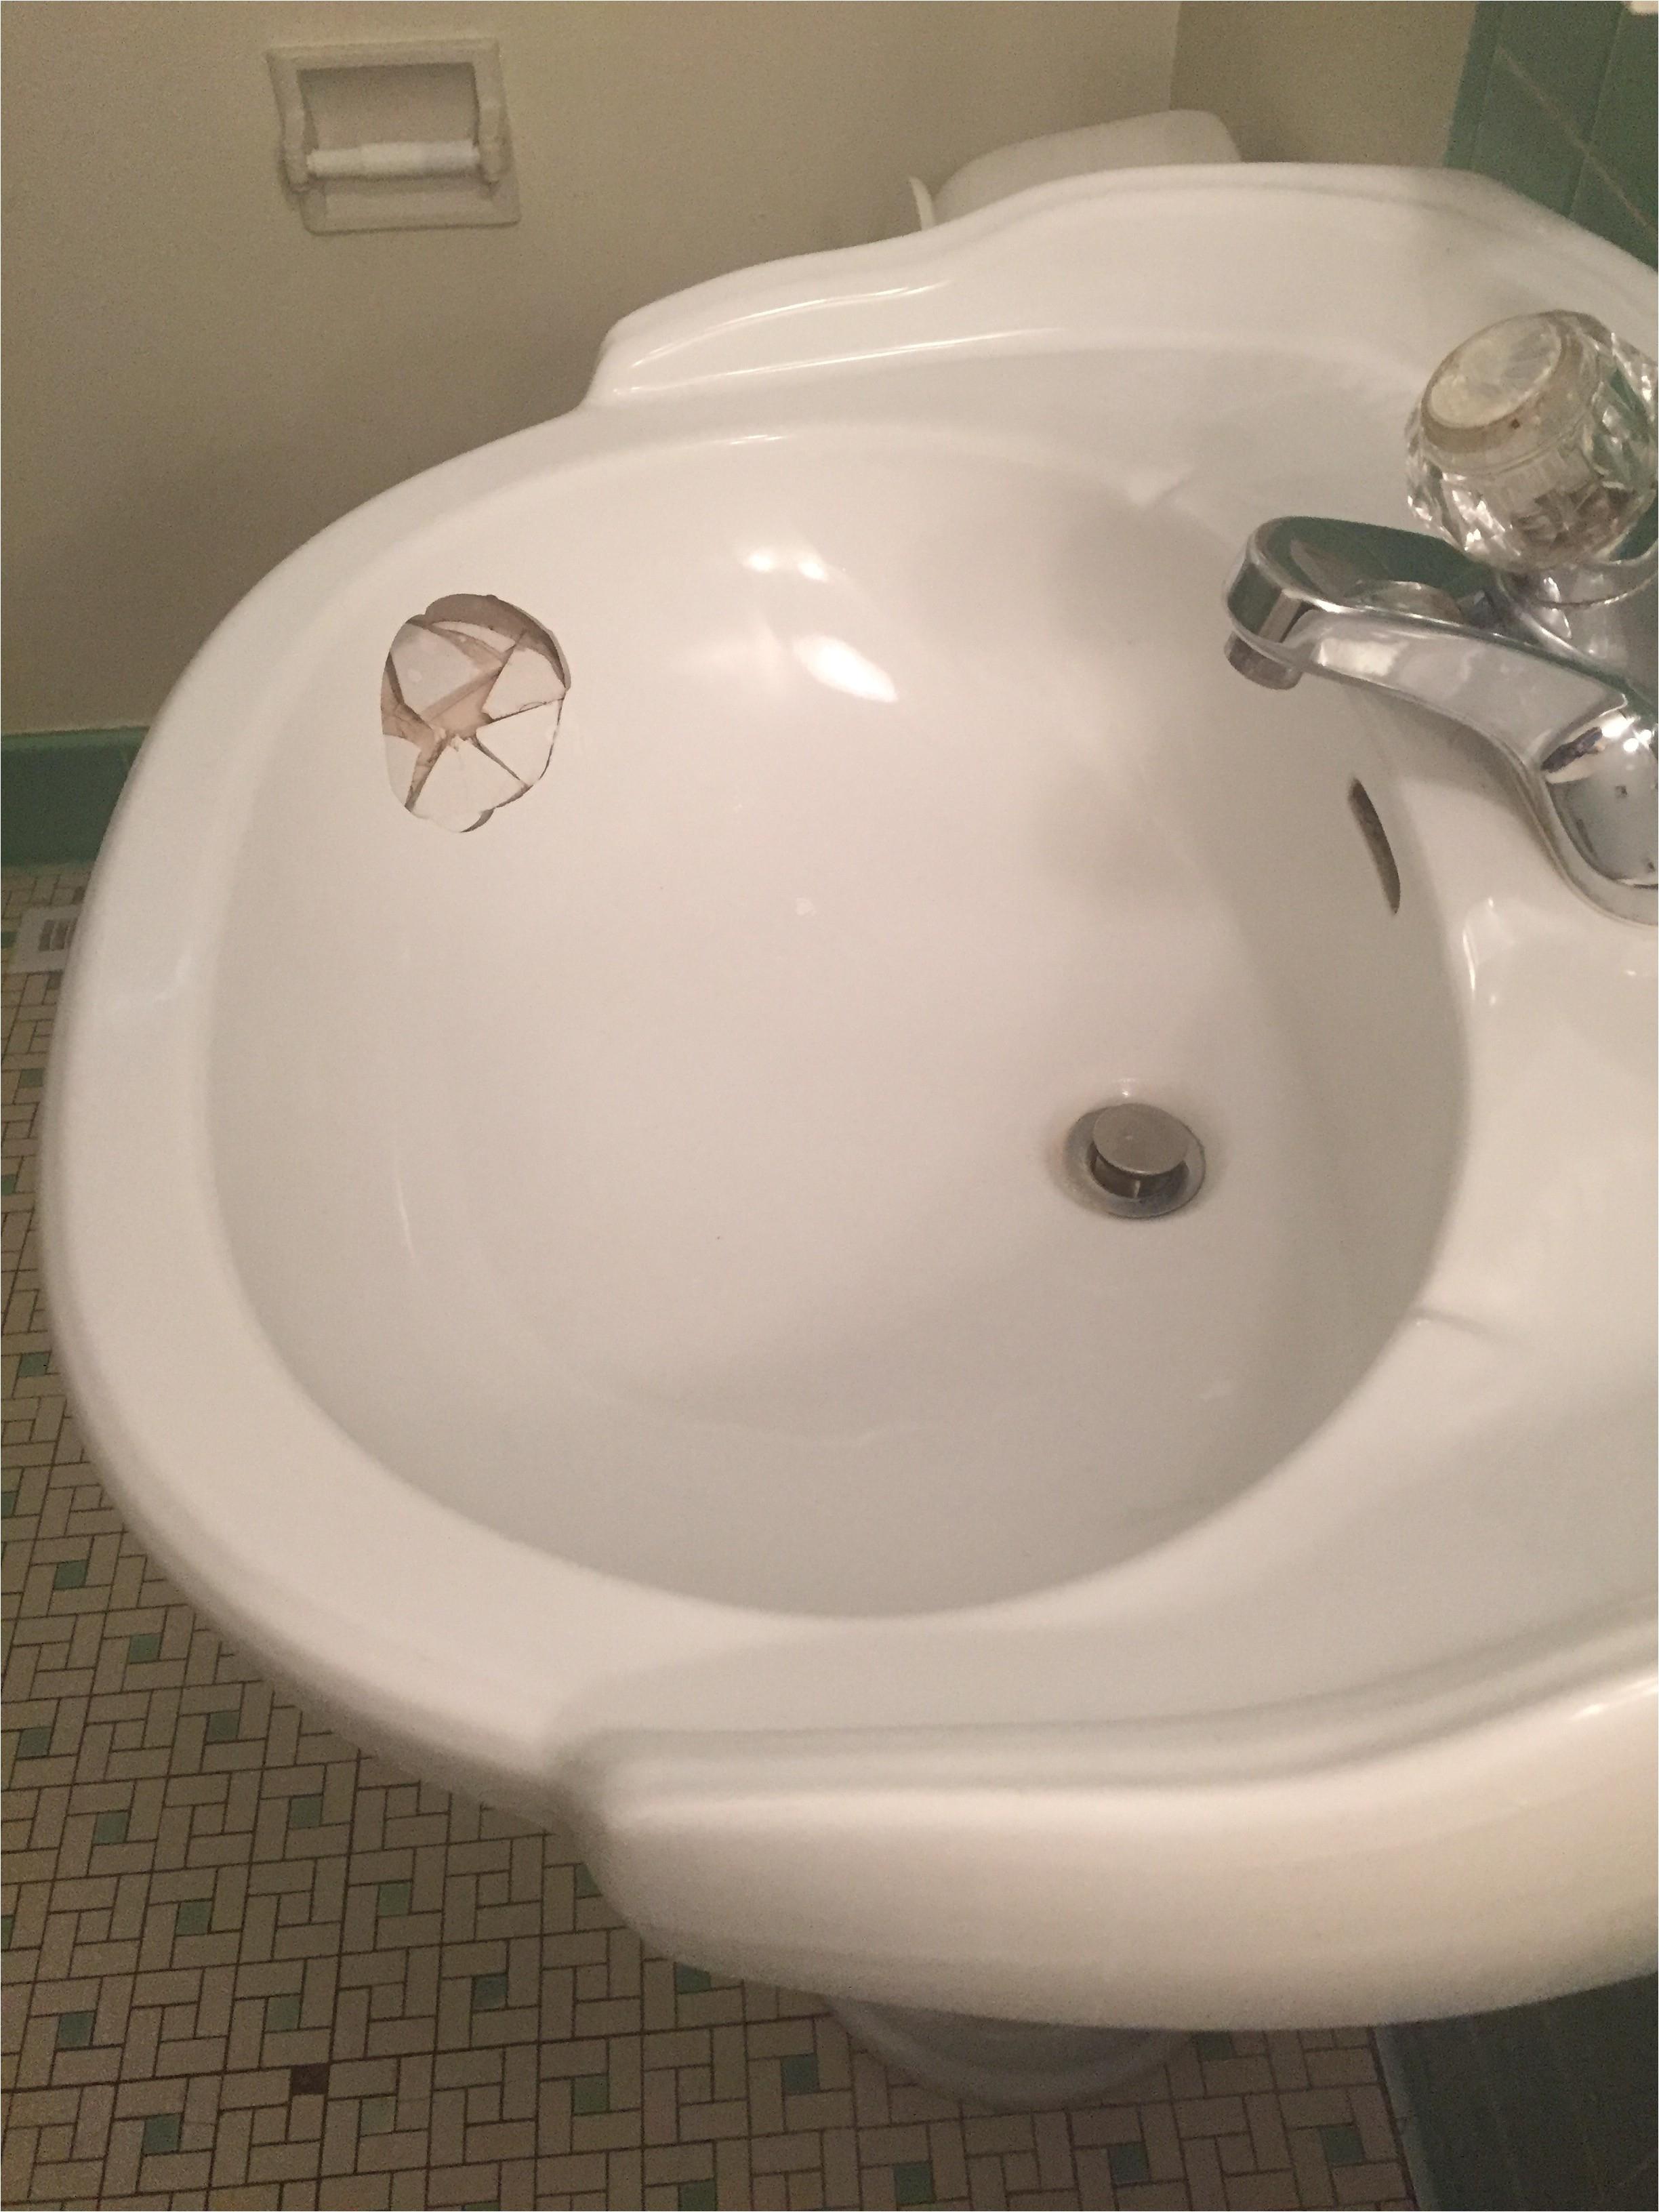 refinish bathroom sink new fresh white bathroom sink